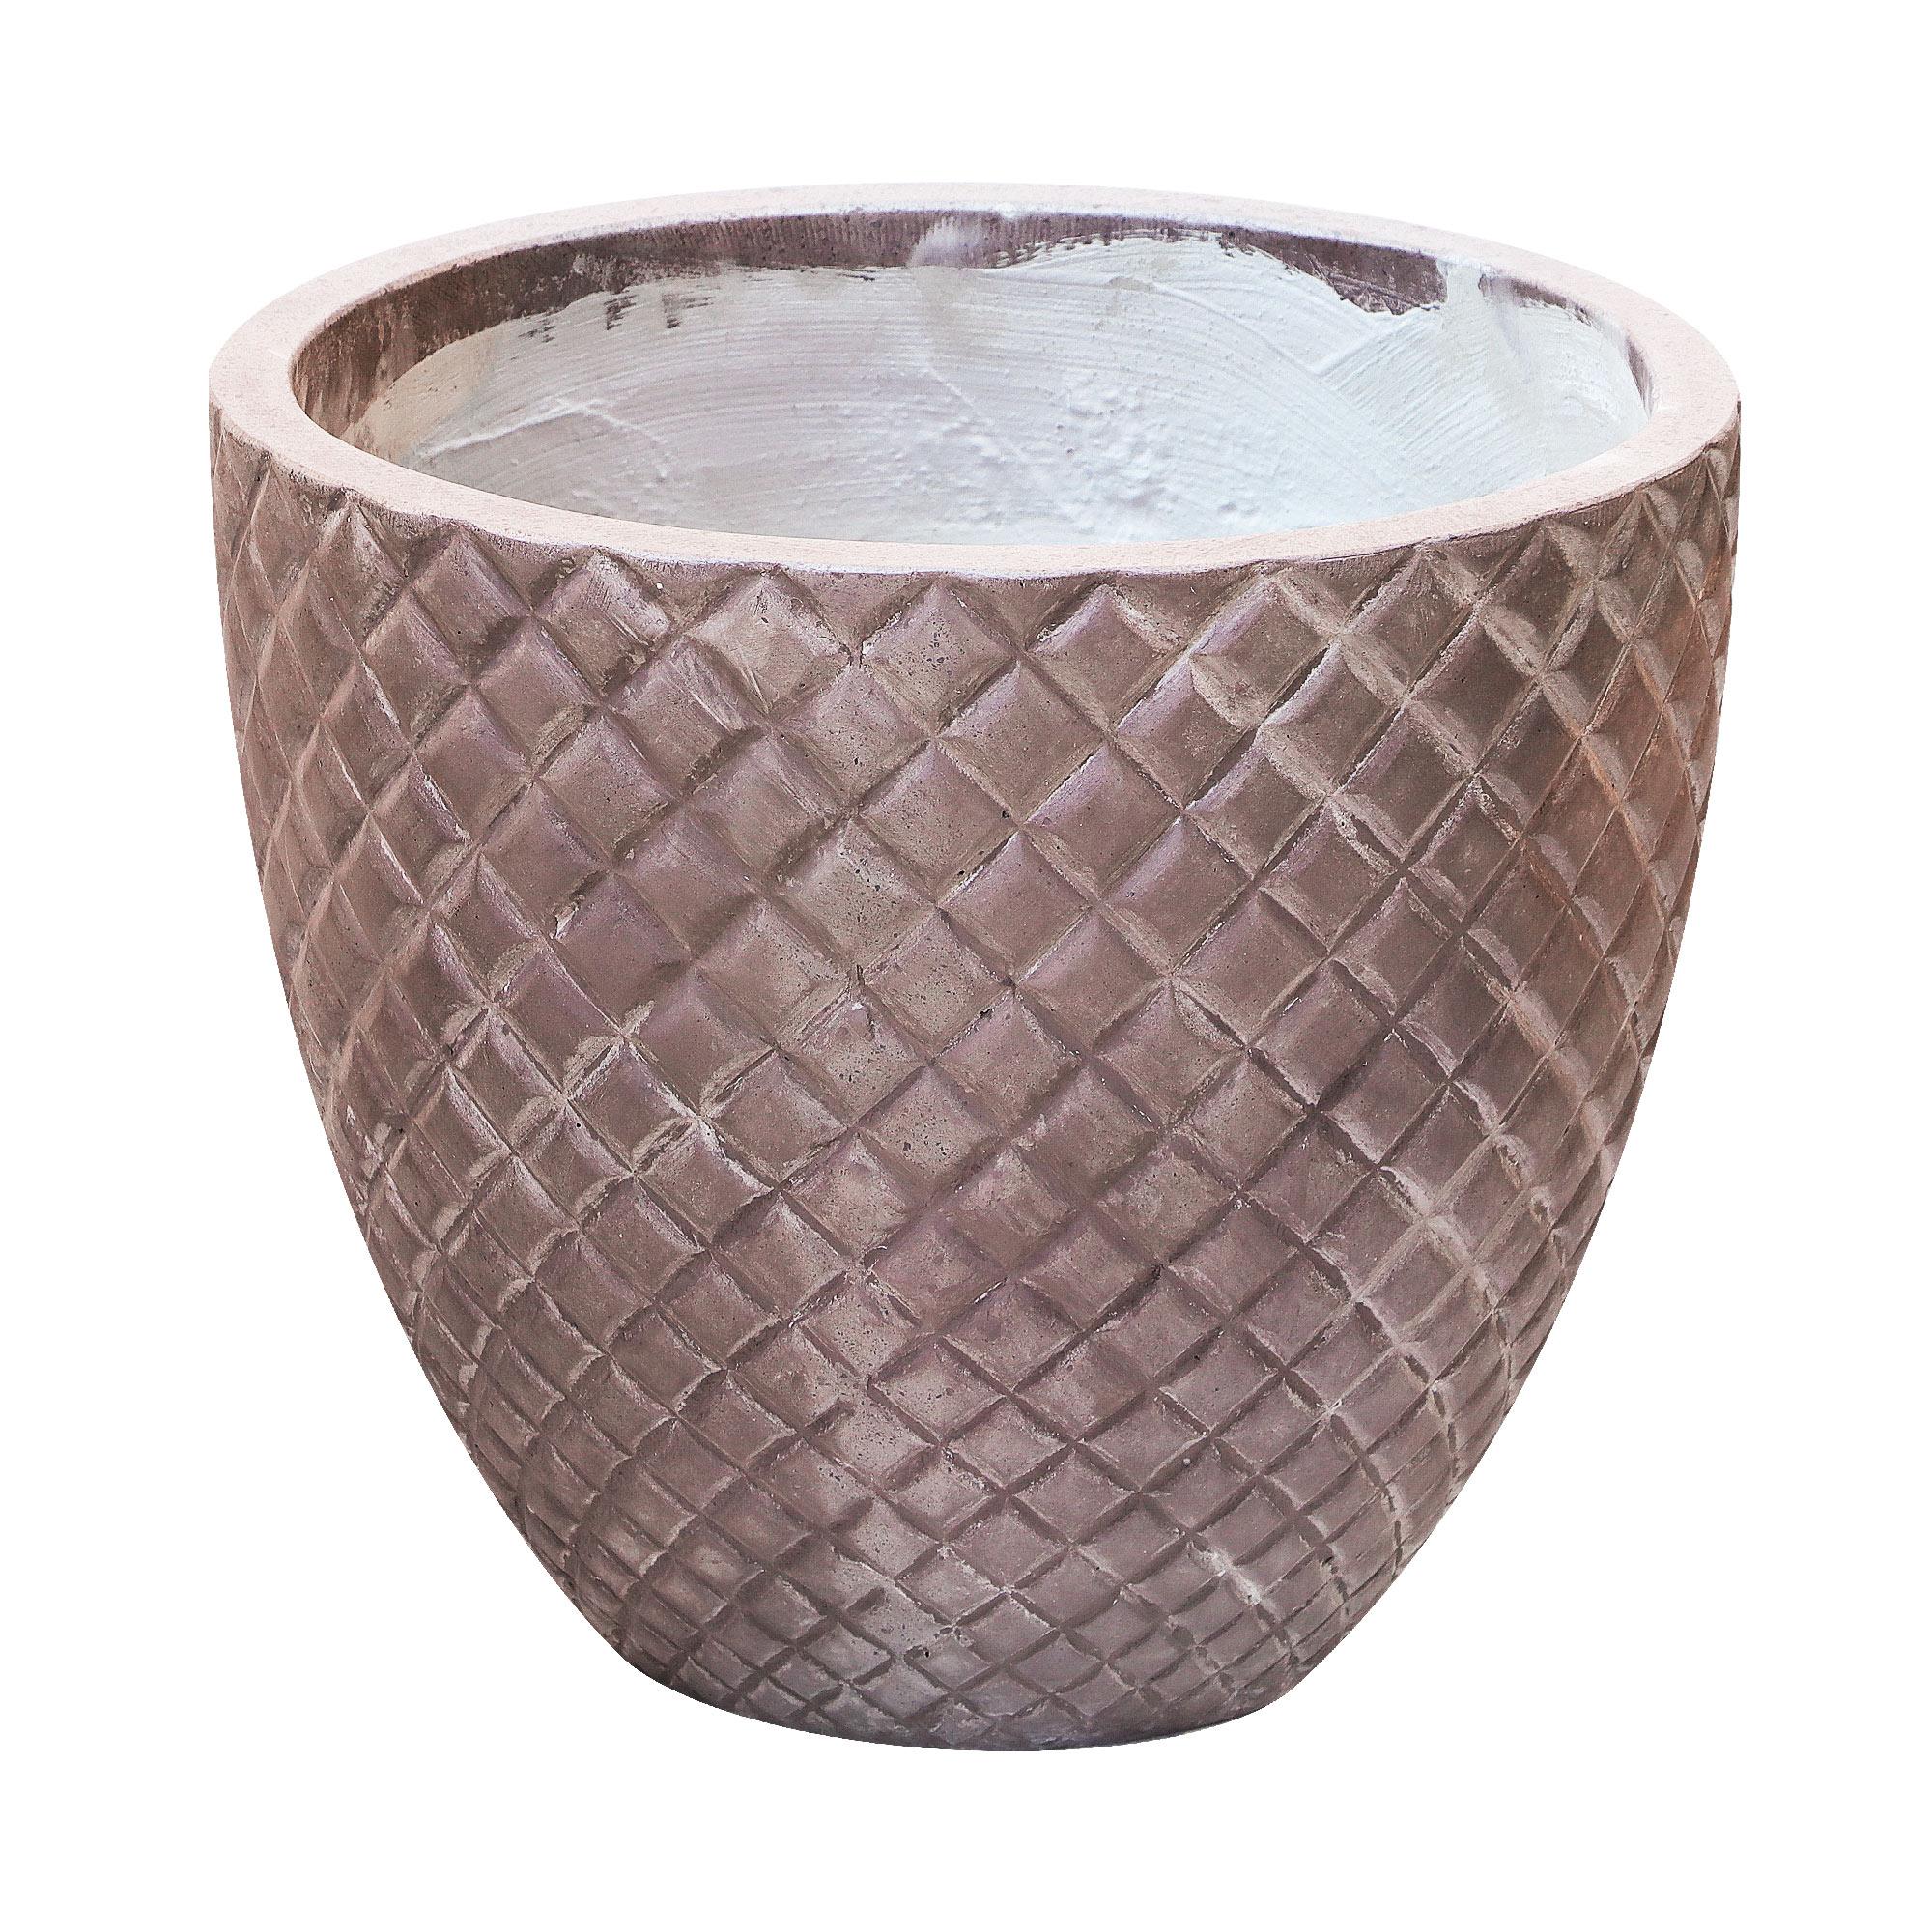 Кашпо Hoang pottery ромбы 40x35 см бронза недорого